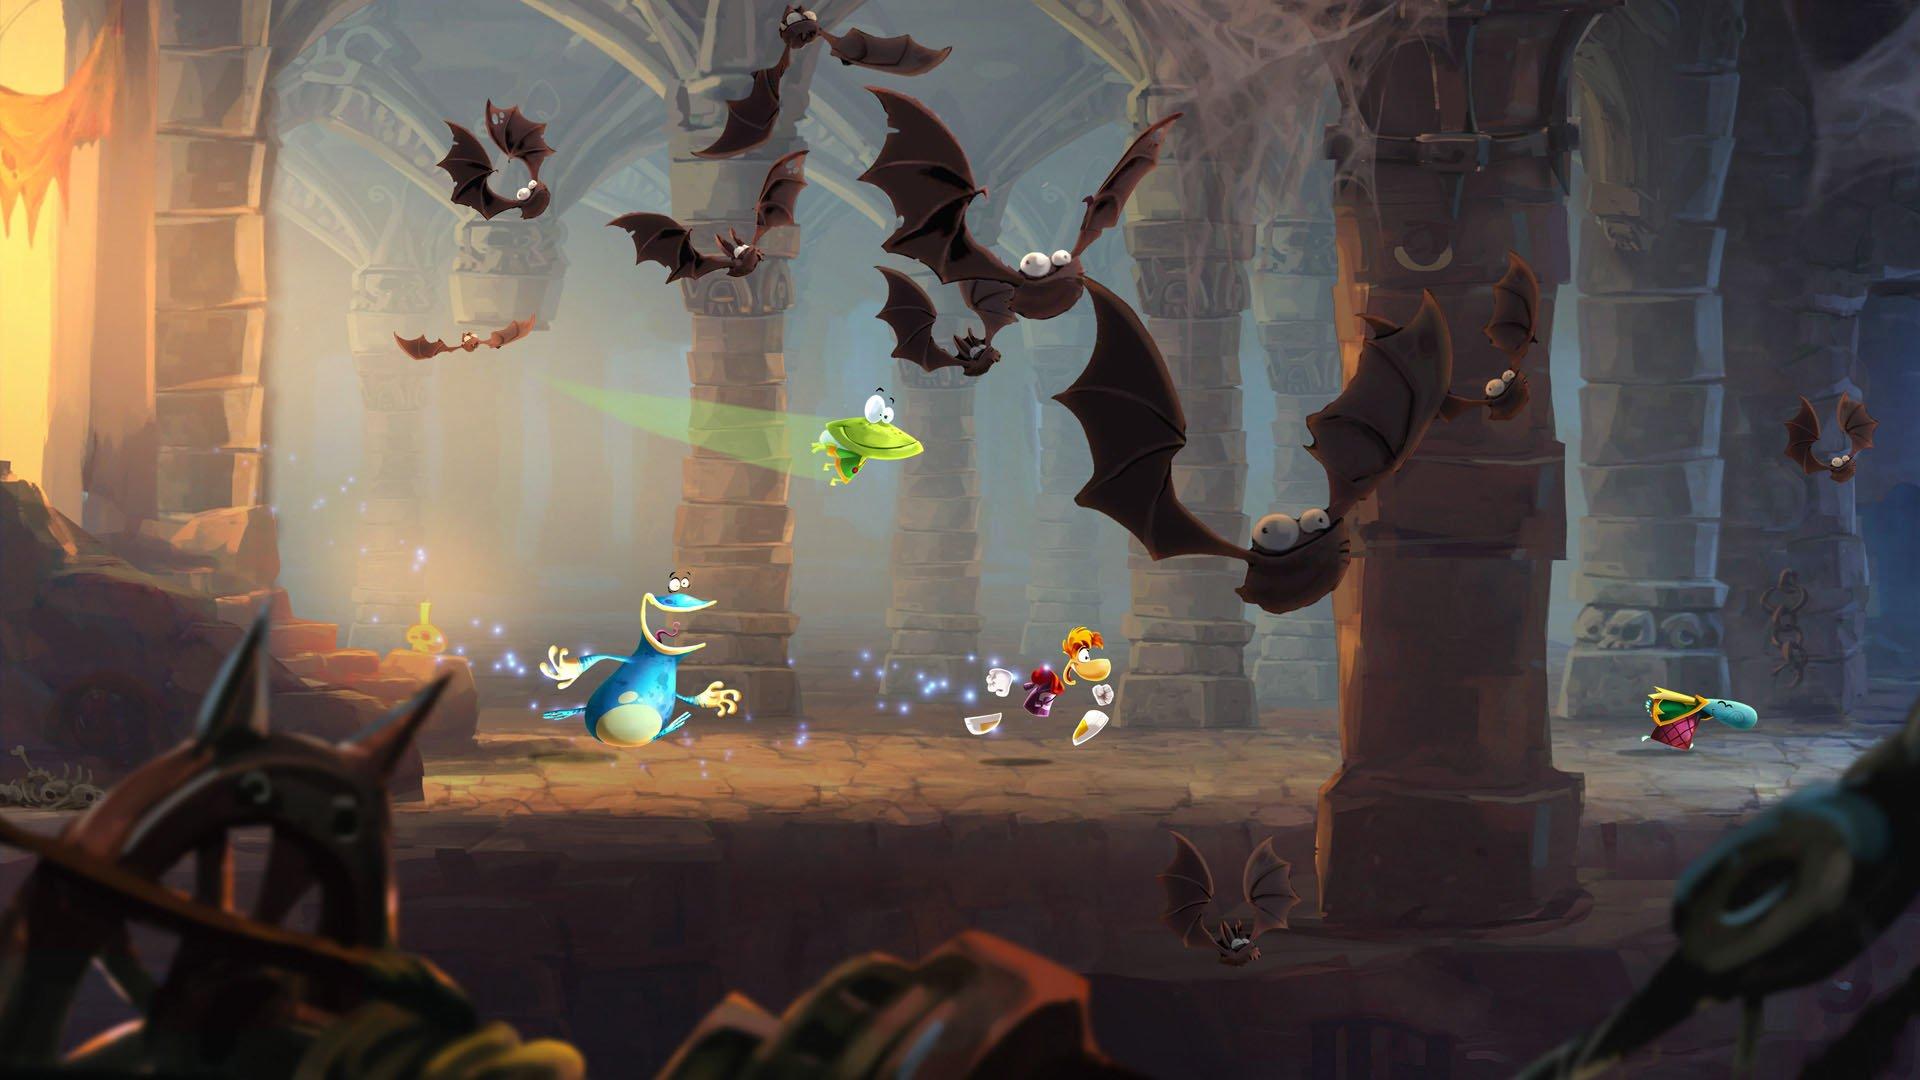 Rayman Legends выйдет на PS4 и Xbox One в феврале 2014 года - Изображение 1